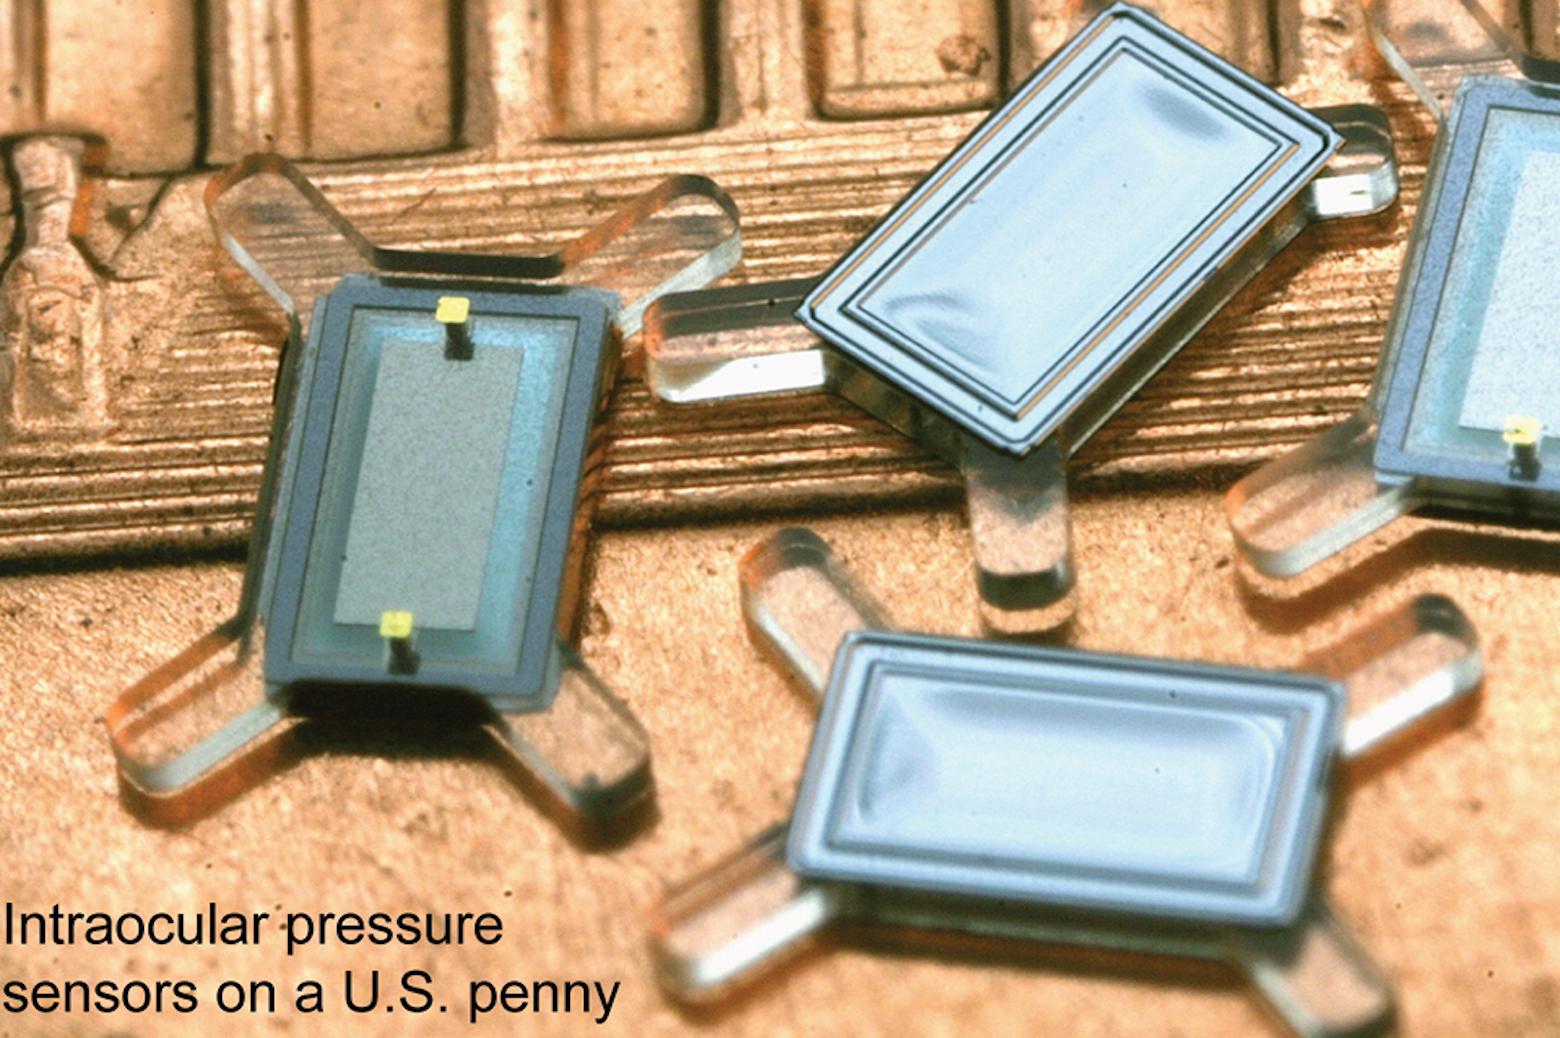 intraocular pressure sensors on a U.S. penny